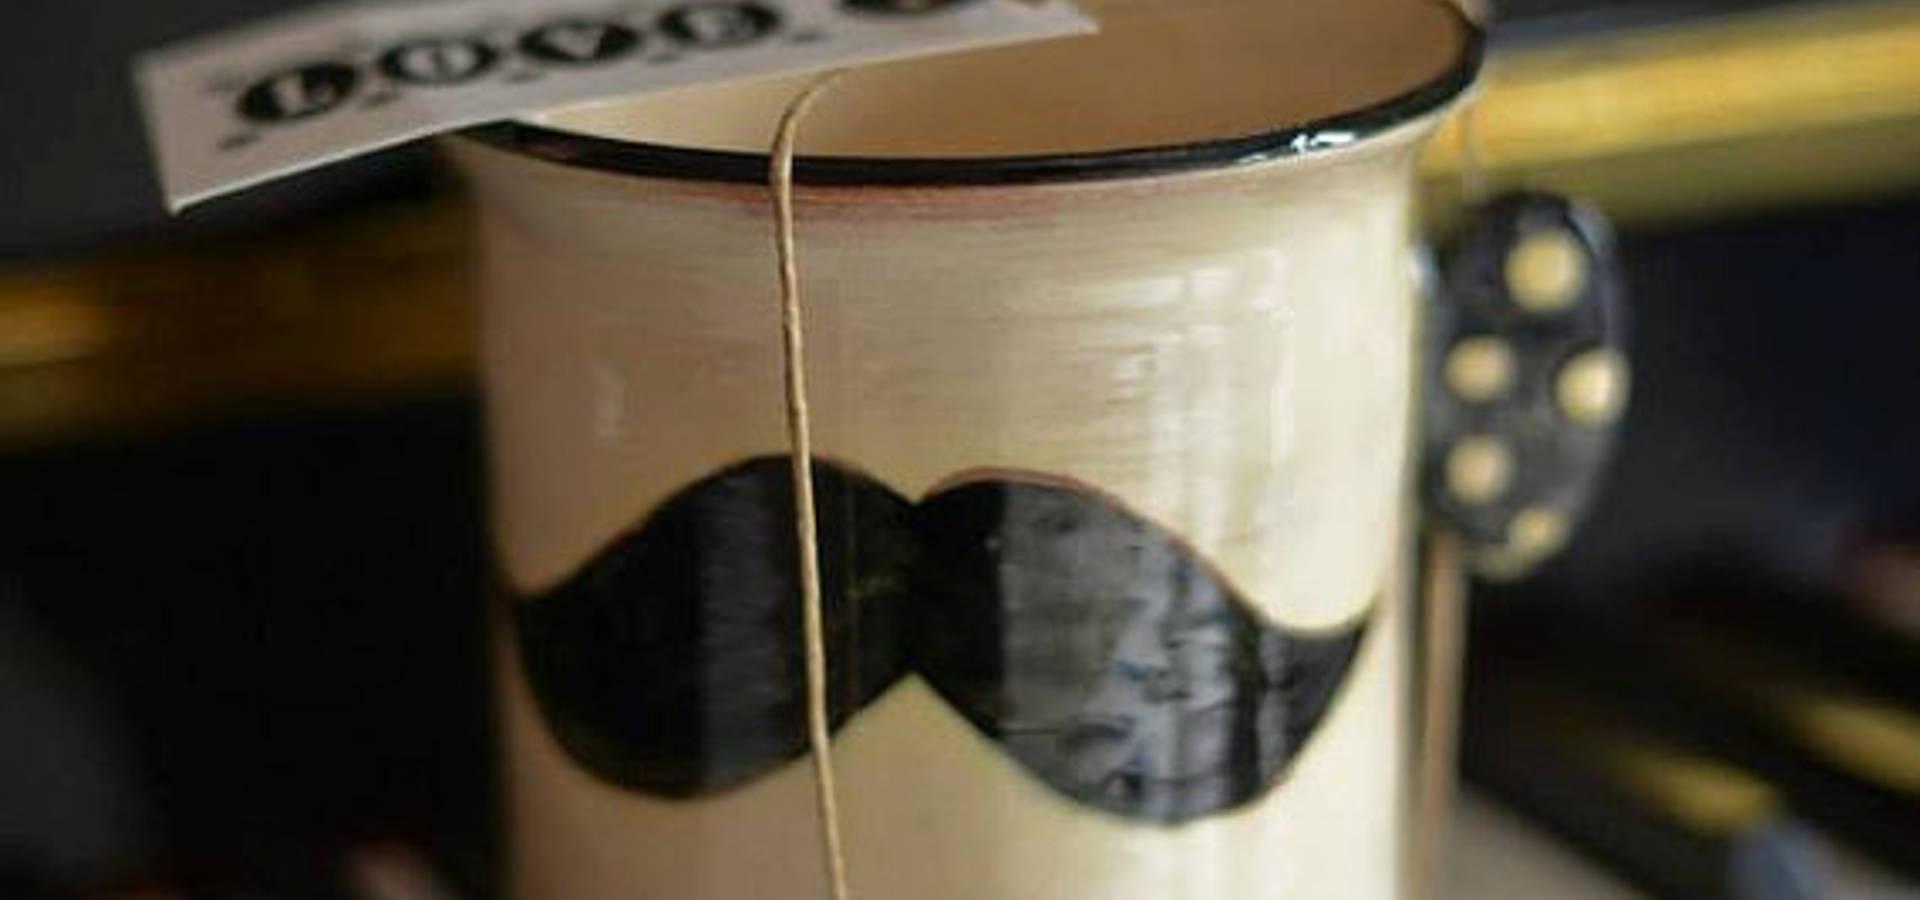 les pots de vanille